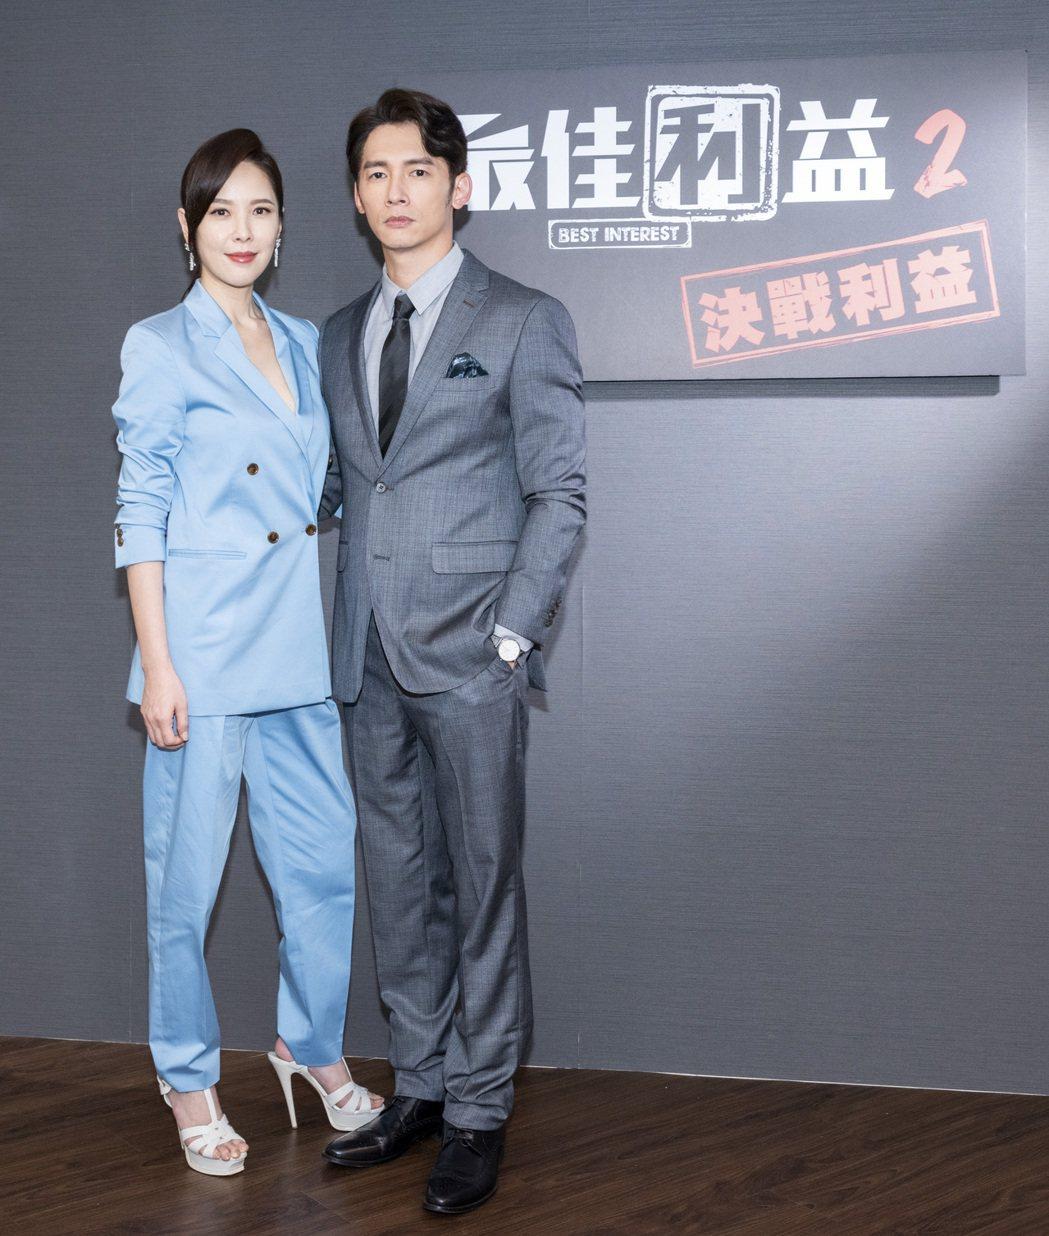 天心(左)、溫昇豪在「最佳利益2」中從離婚夫妻變同事。圖/群之噰傳播提供